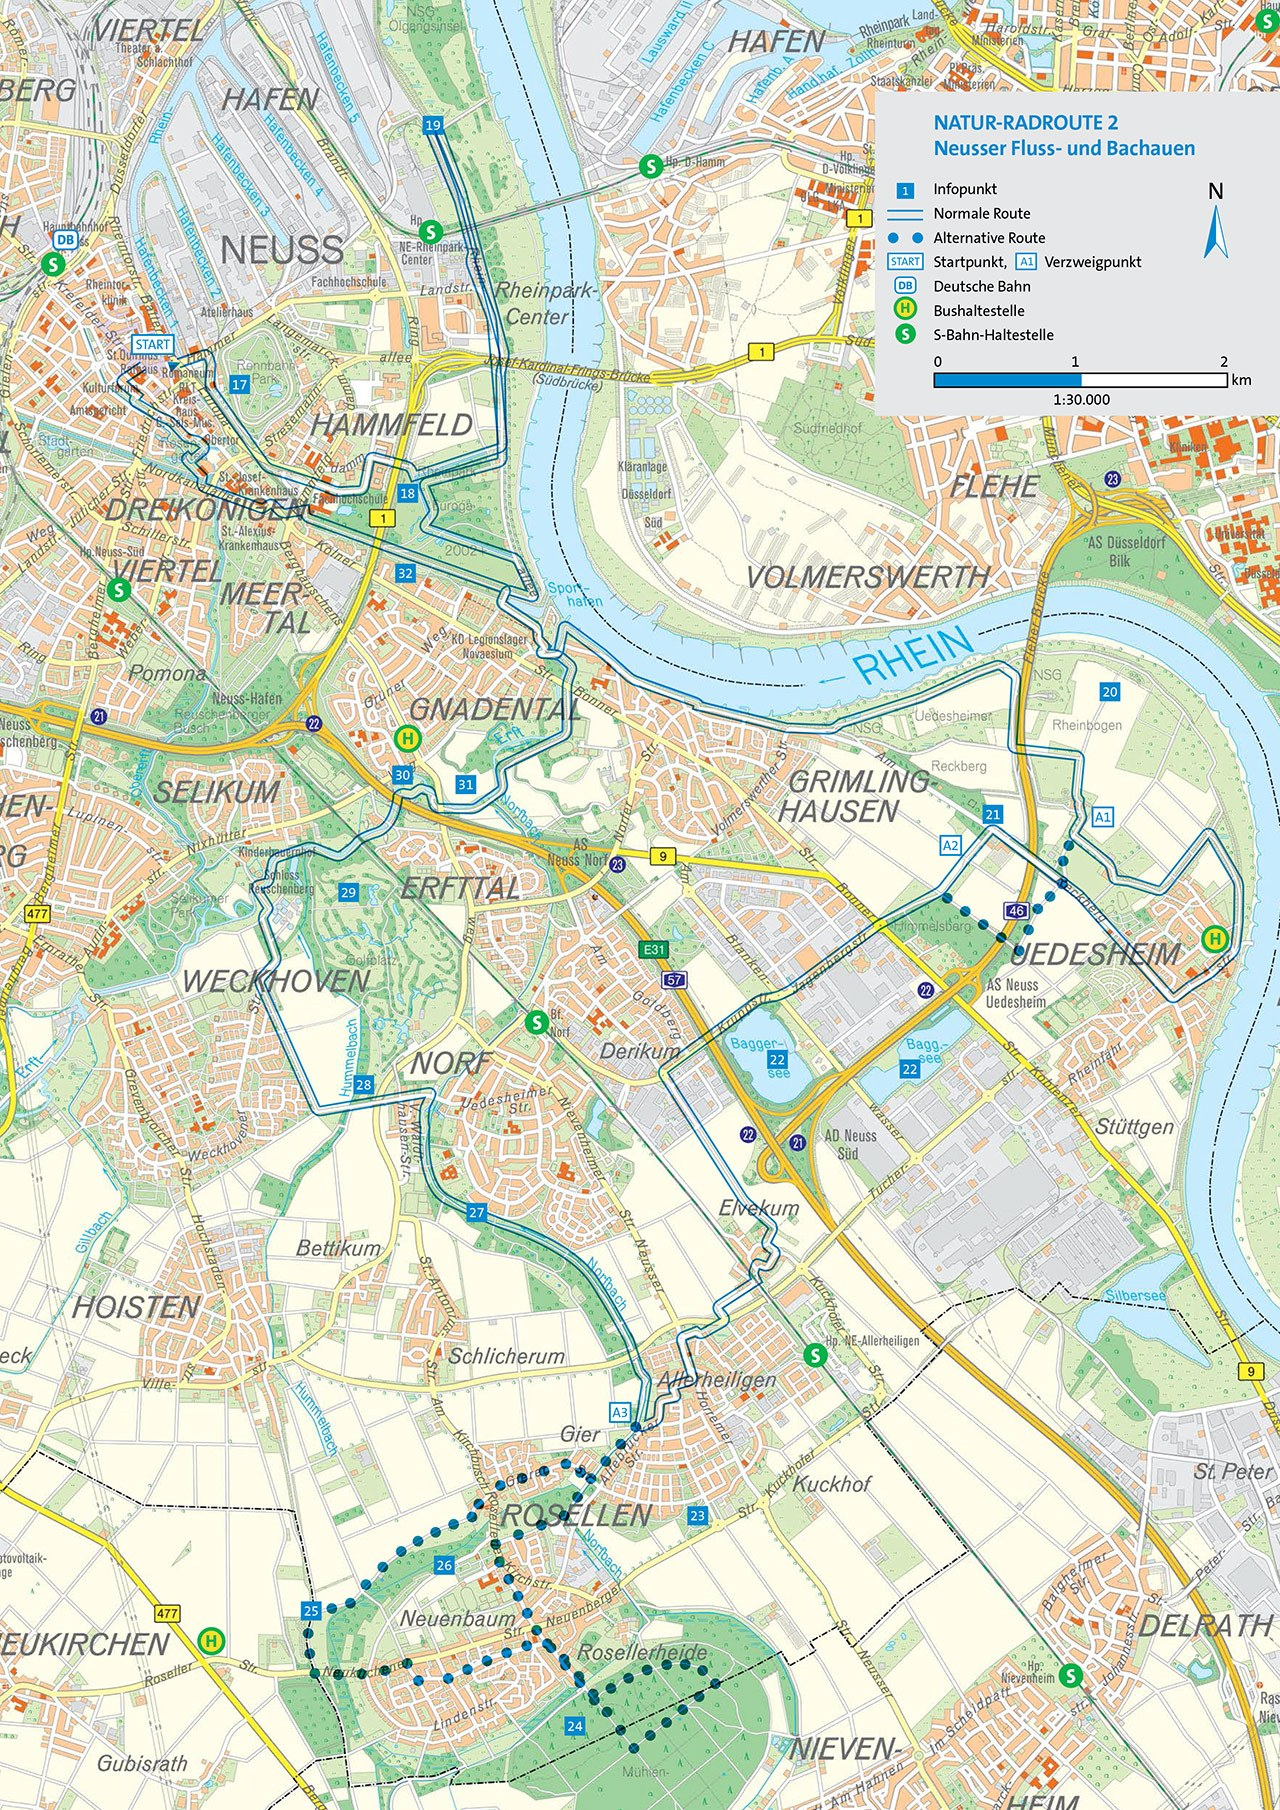 Natur-Radroute 2: Karte